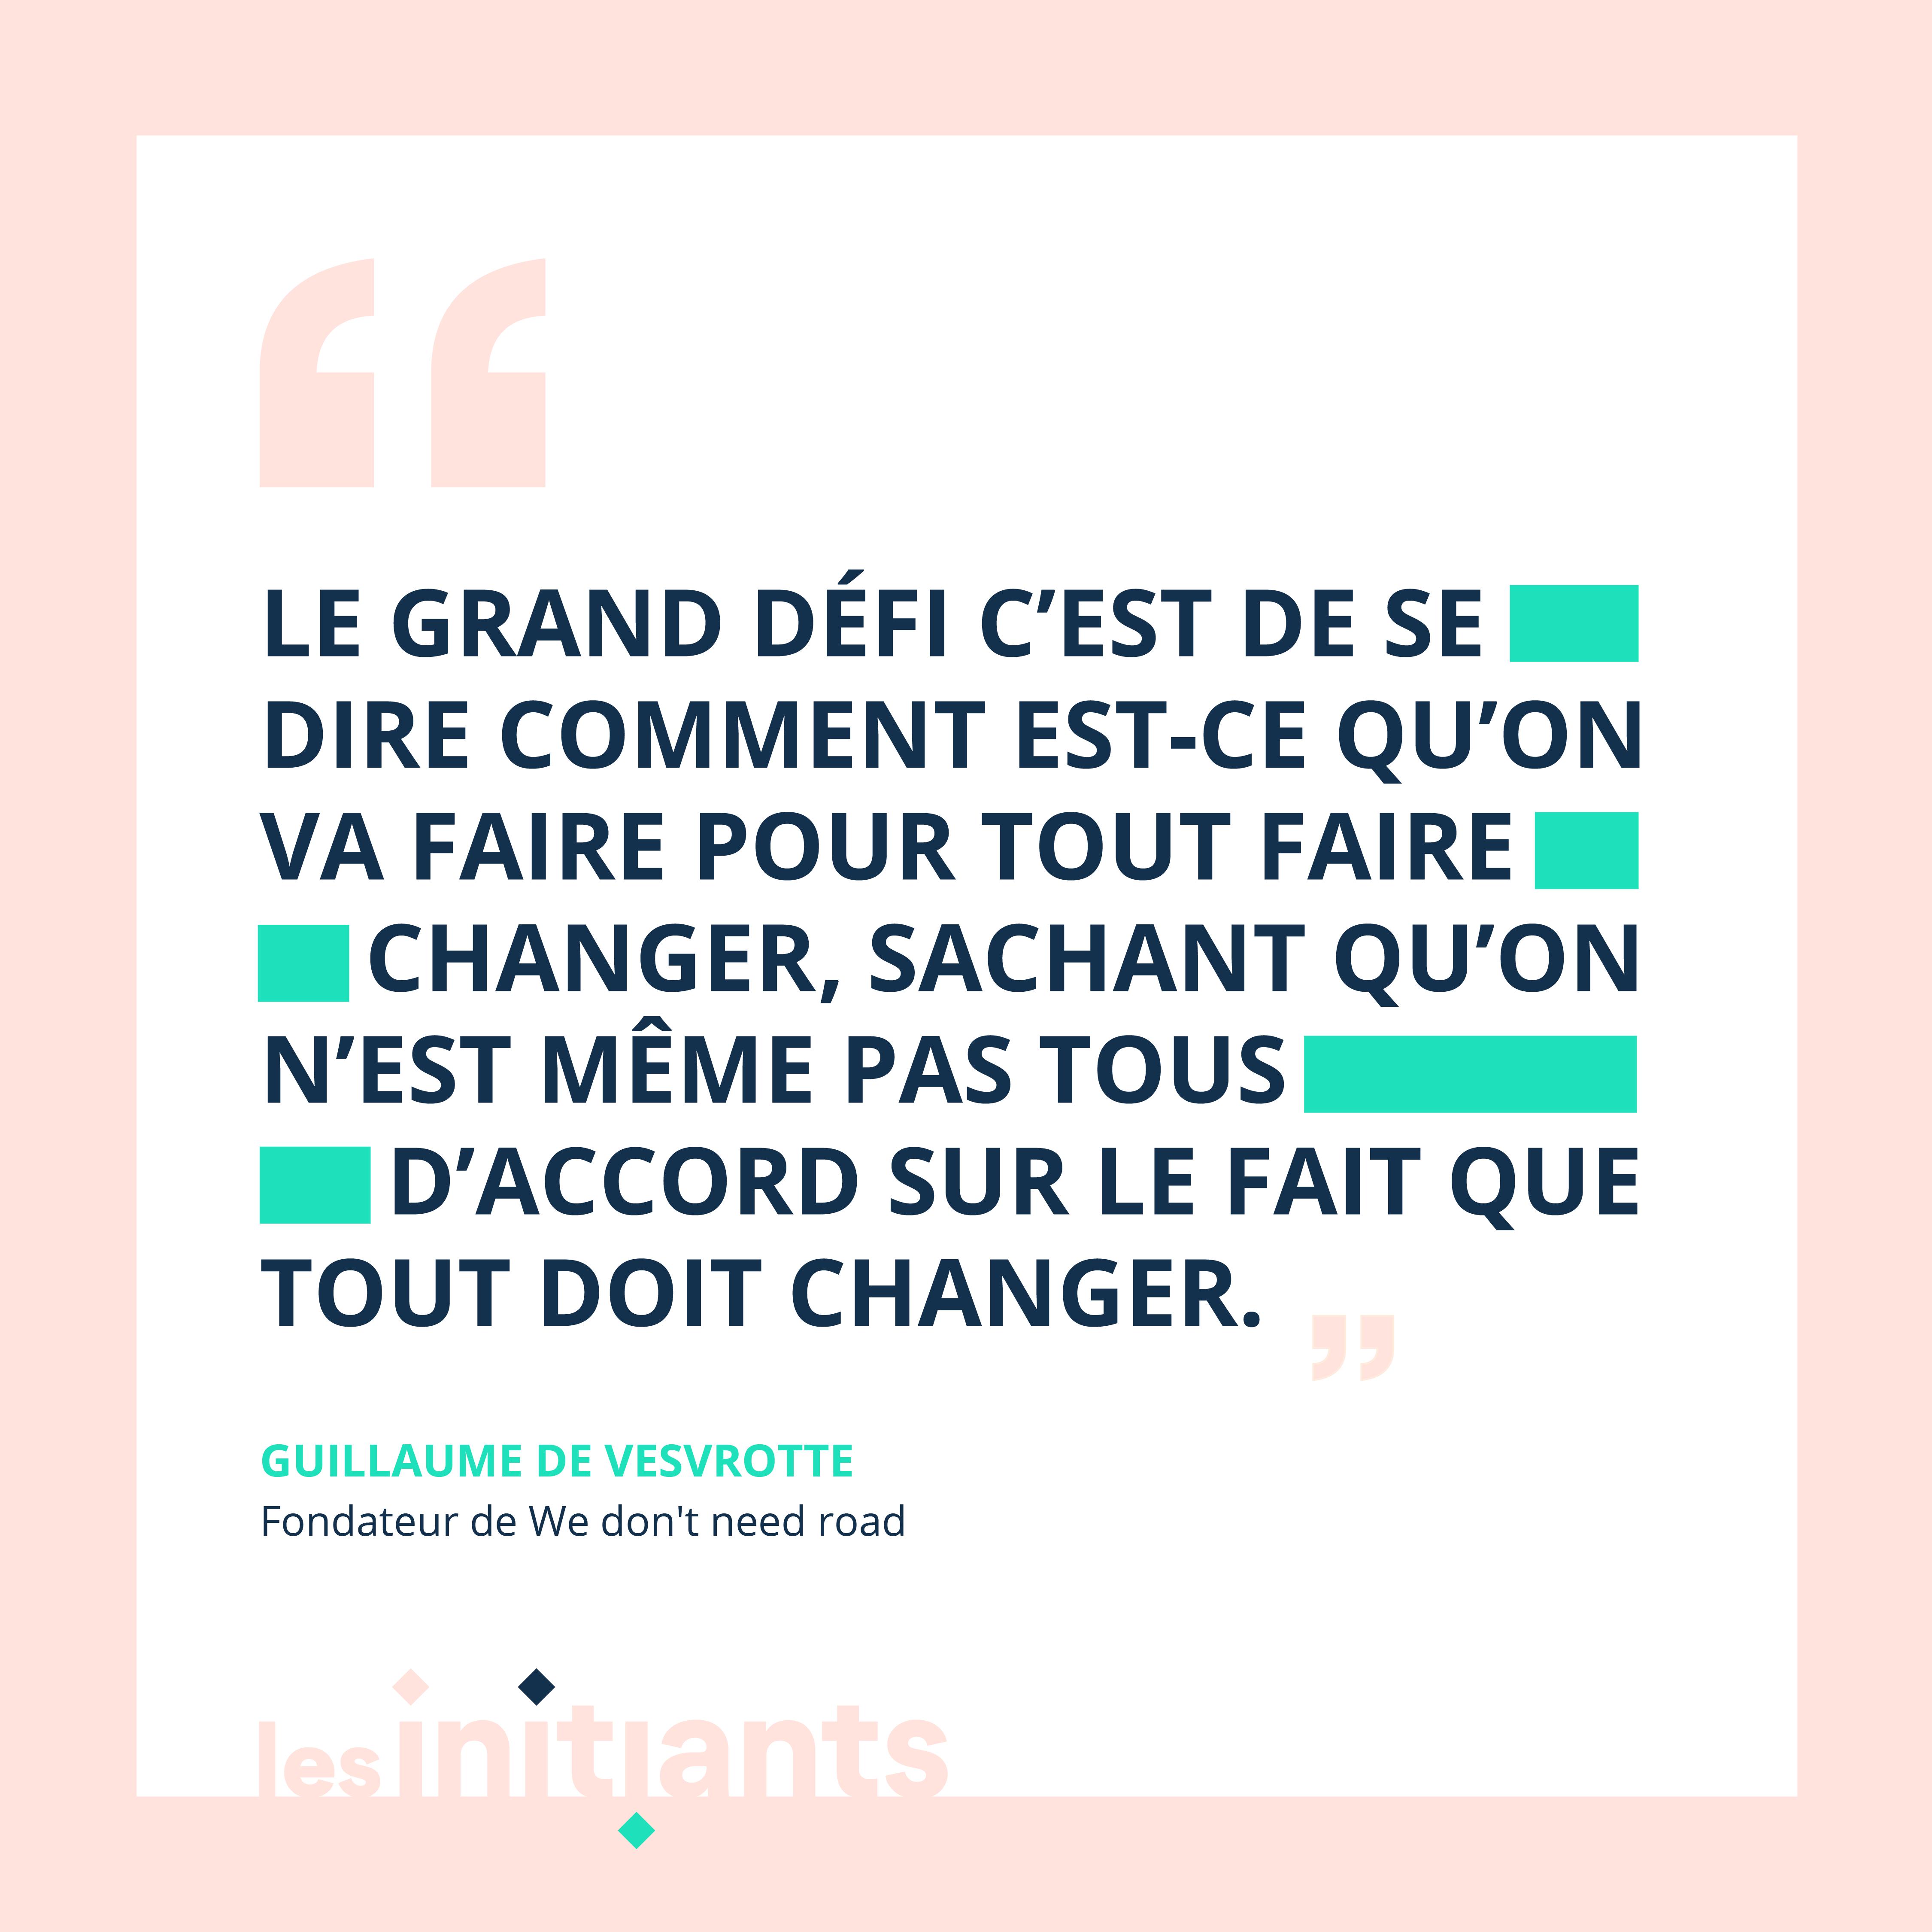 Les Initiants_Citation Guillaume_Plan de travail 1 copie